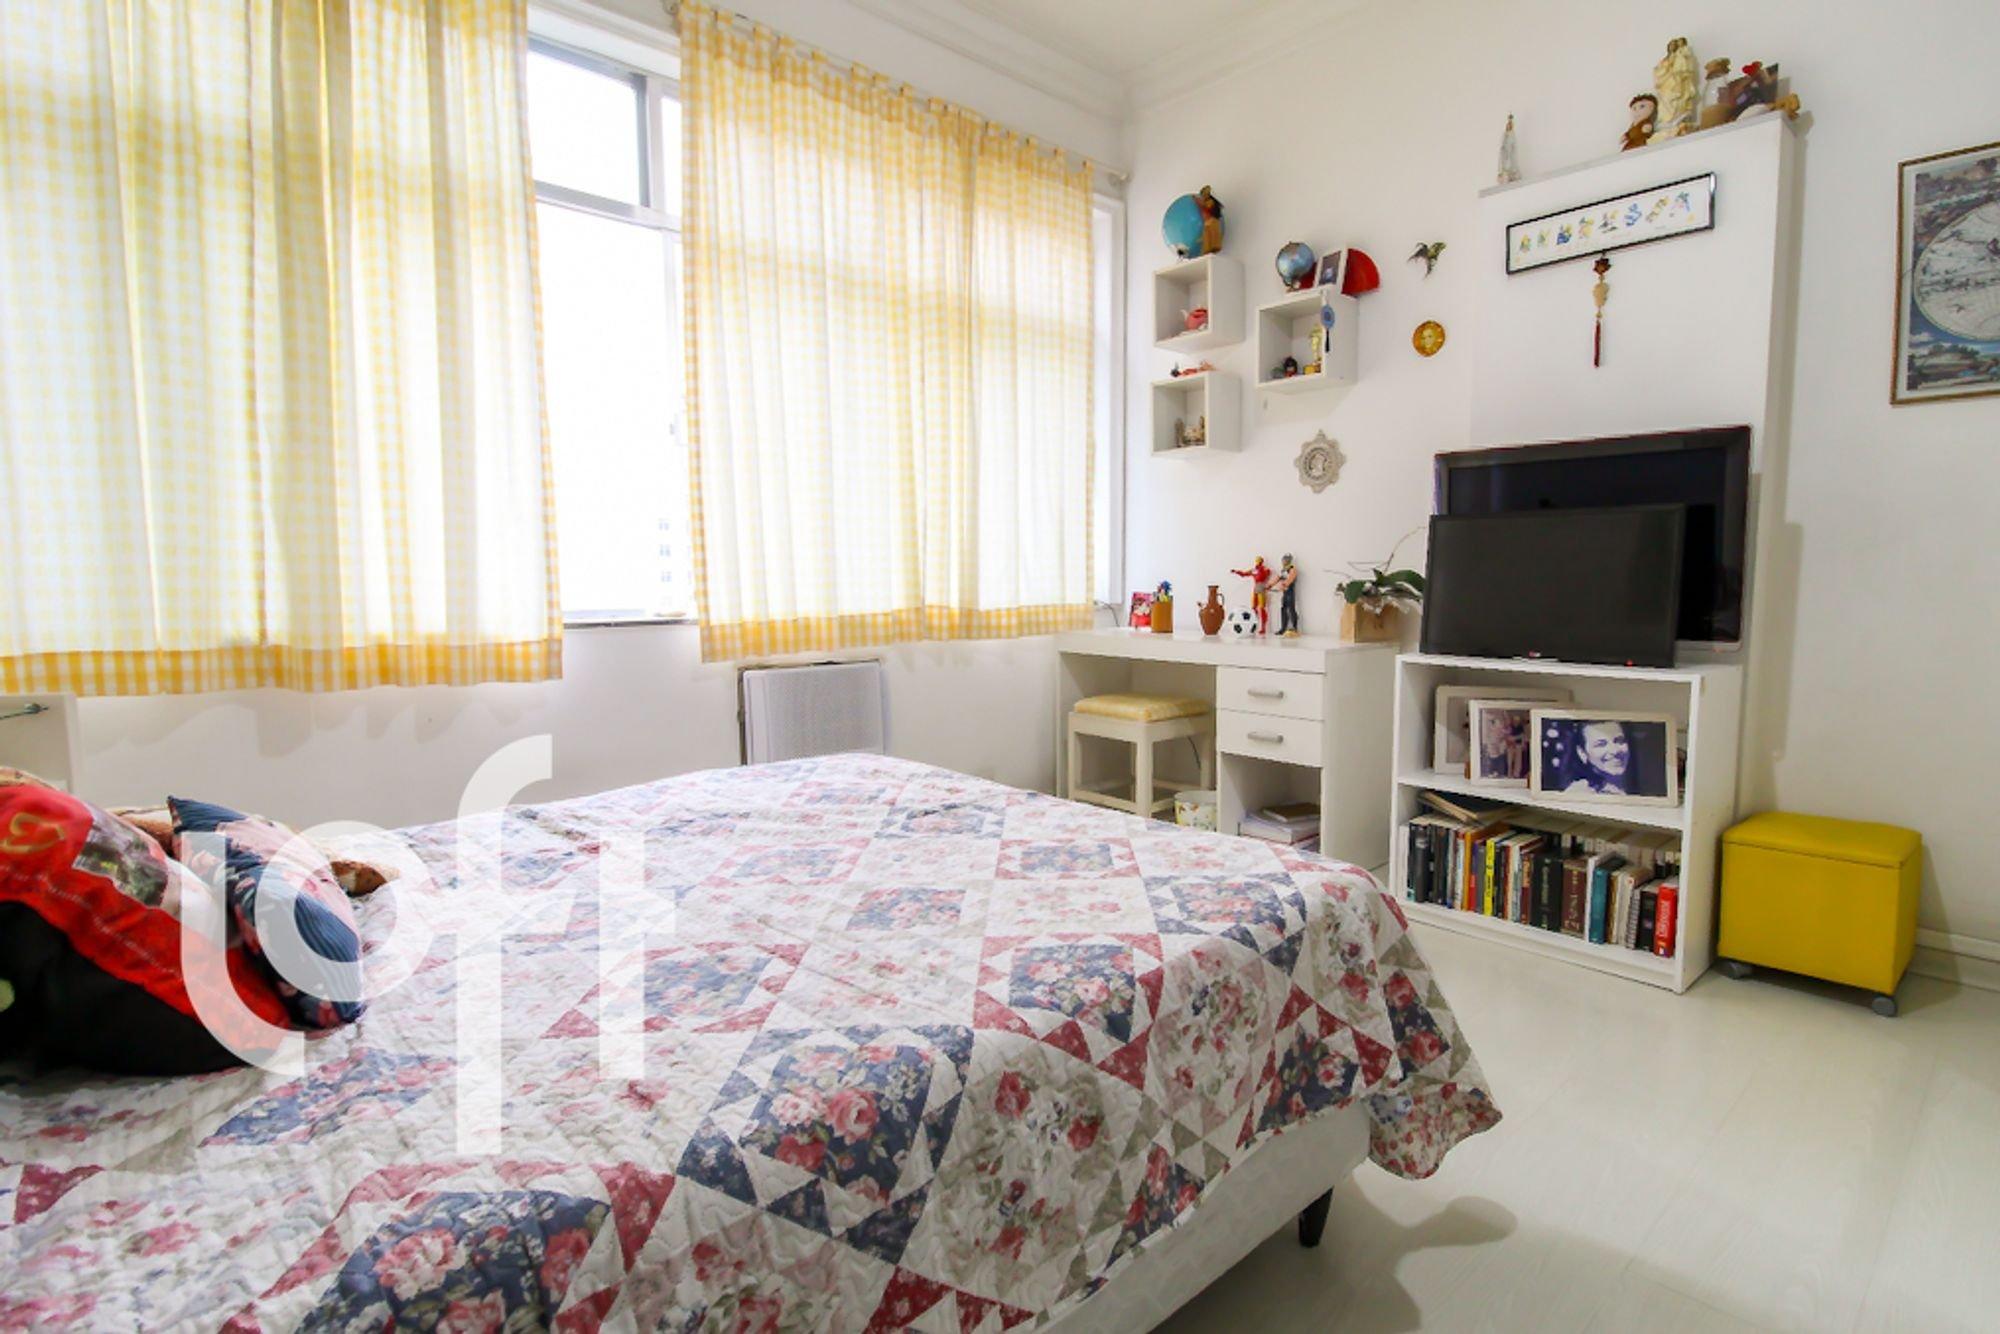 Foto de Quarto com cama, vaso de planta, televisão, livro